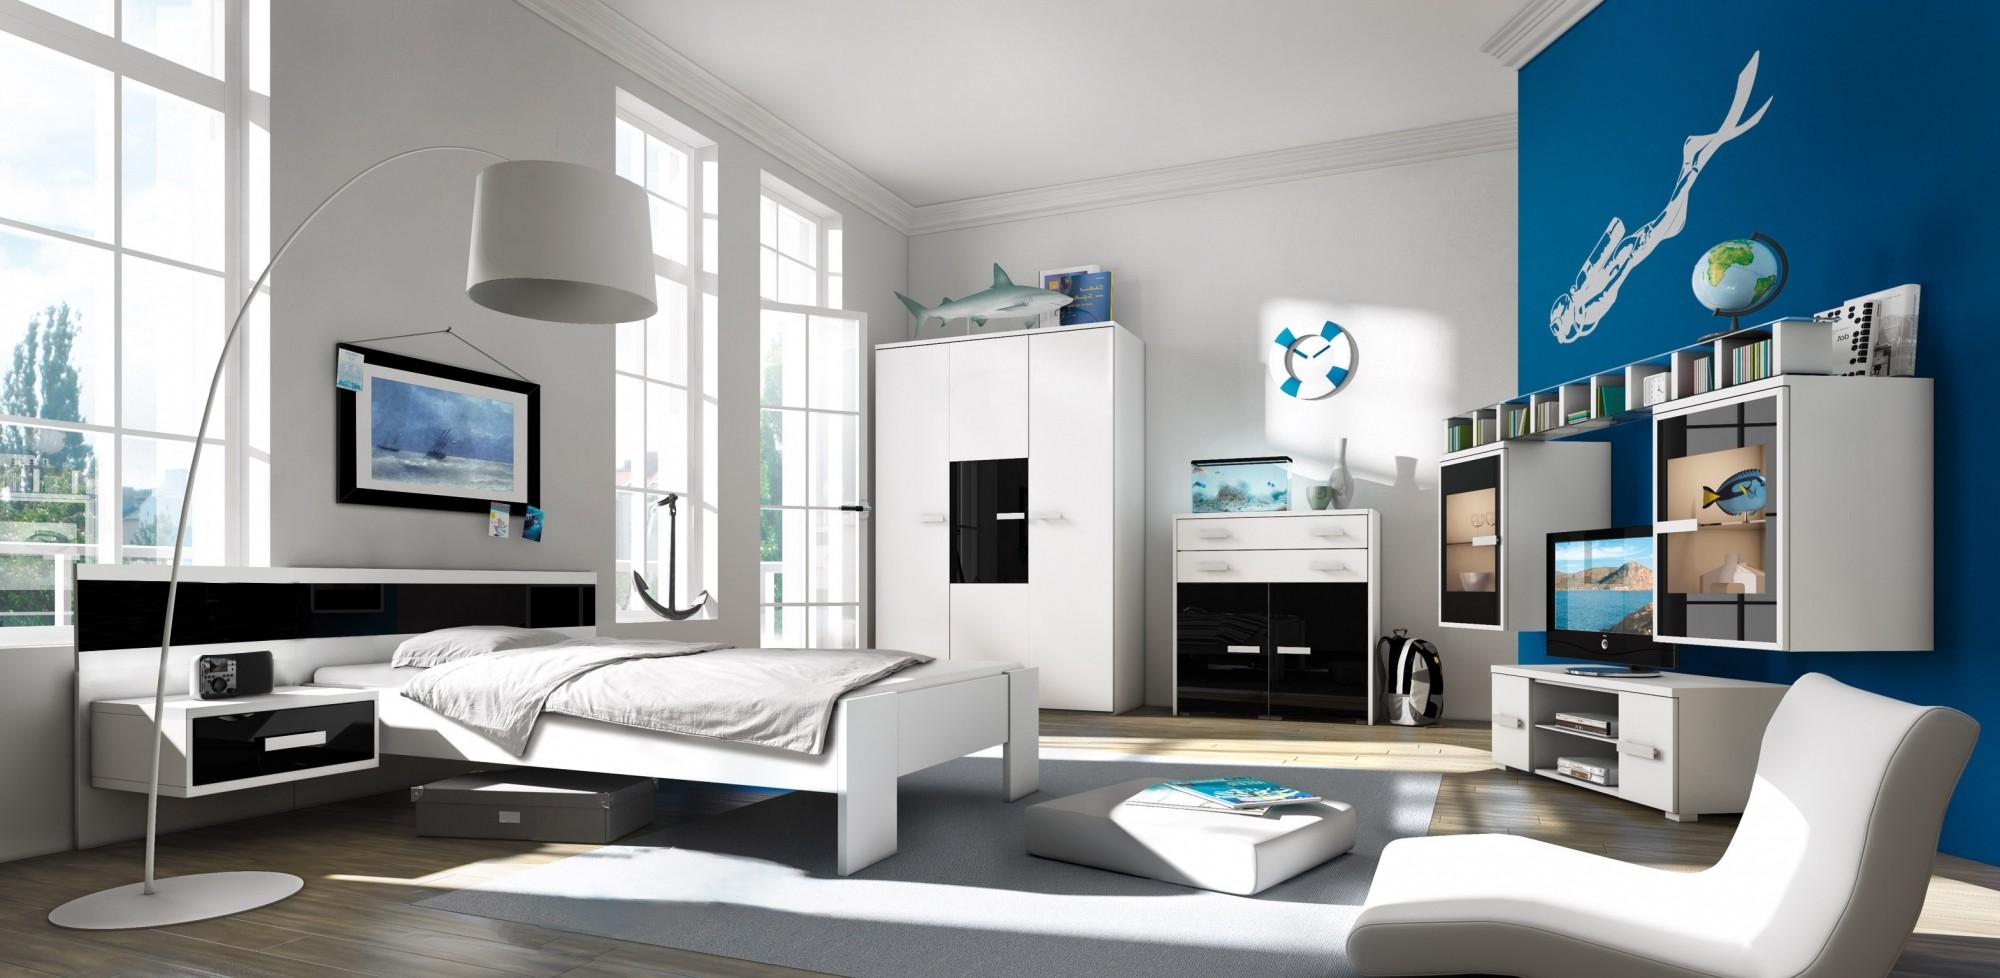 Ikea Chambre Ado Design